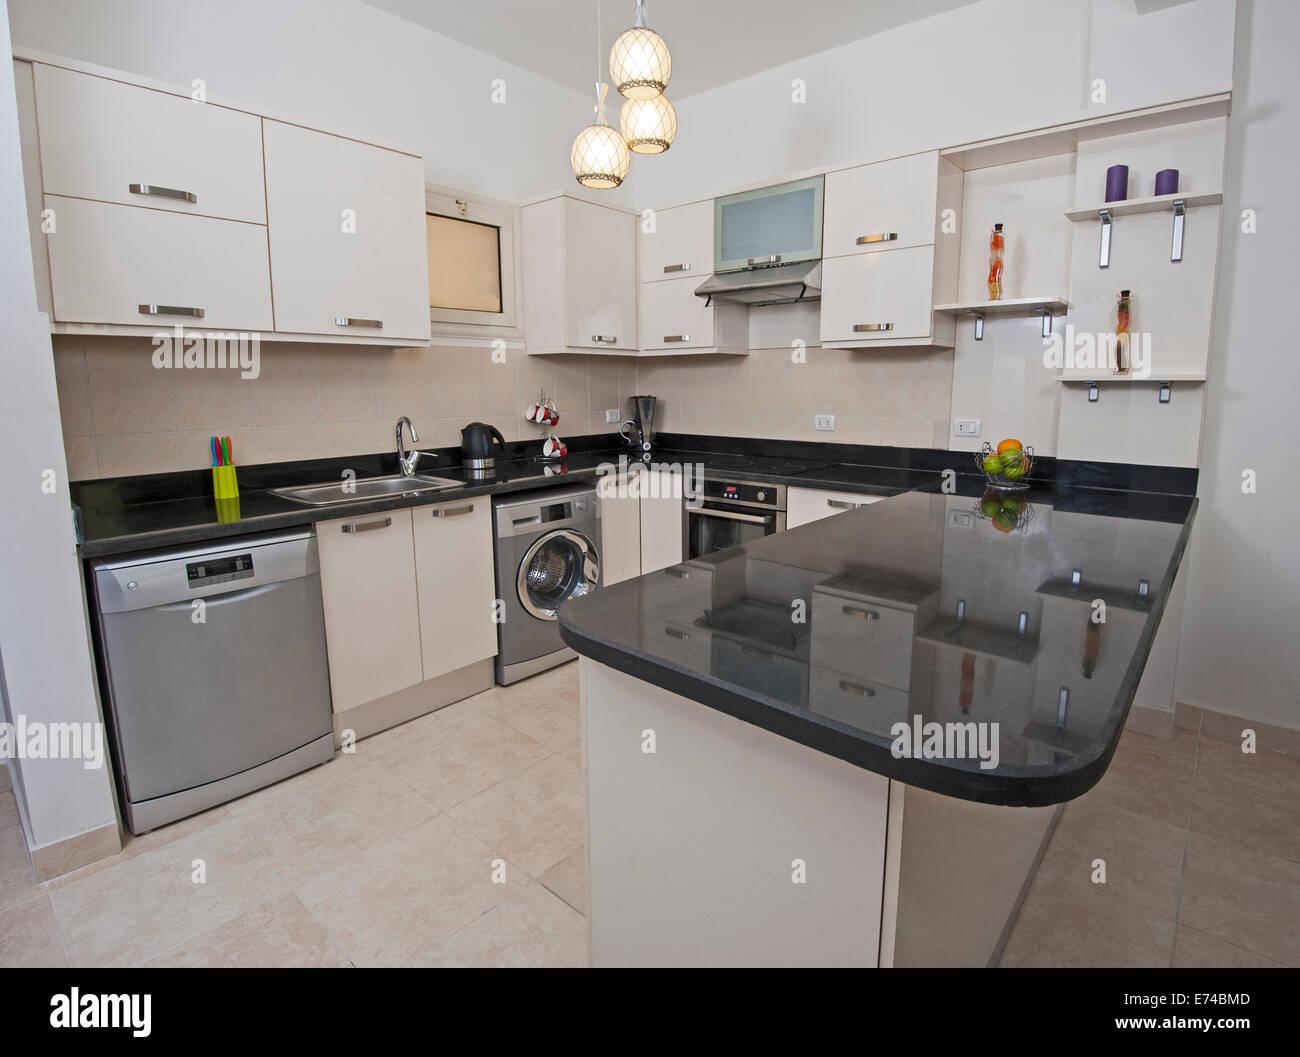 Cucina in stile americano area di appartamento di lusso che mostra